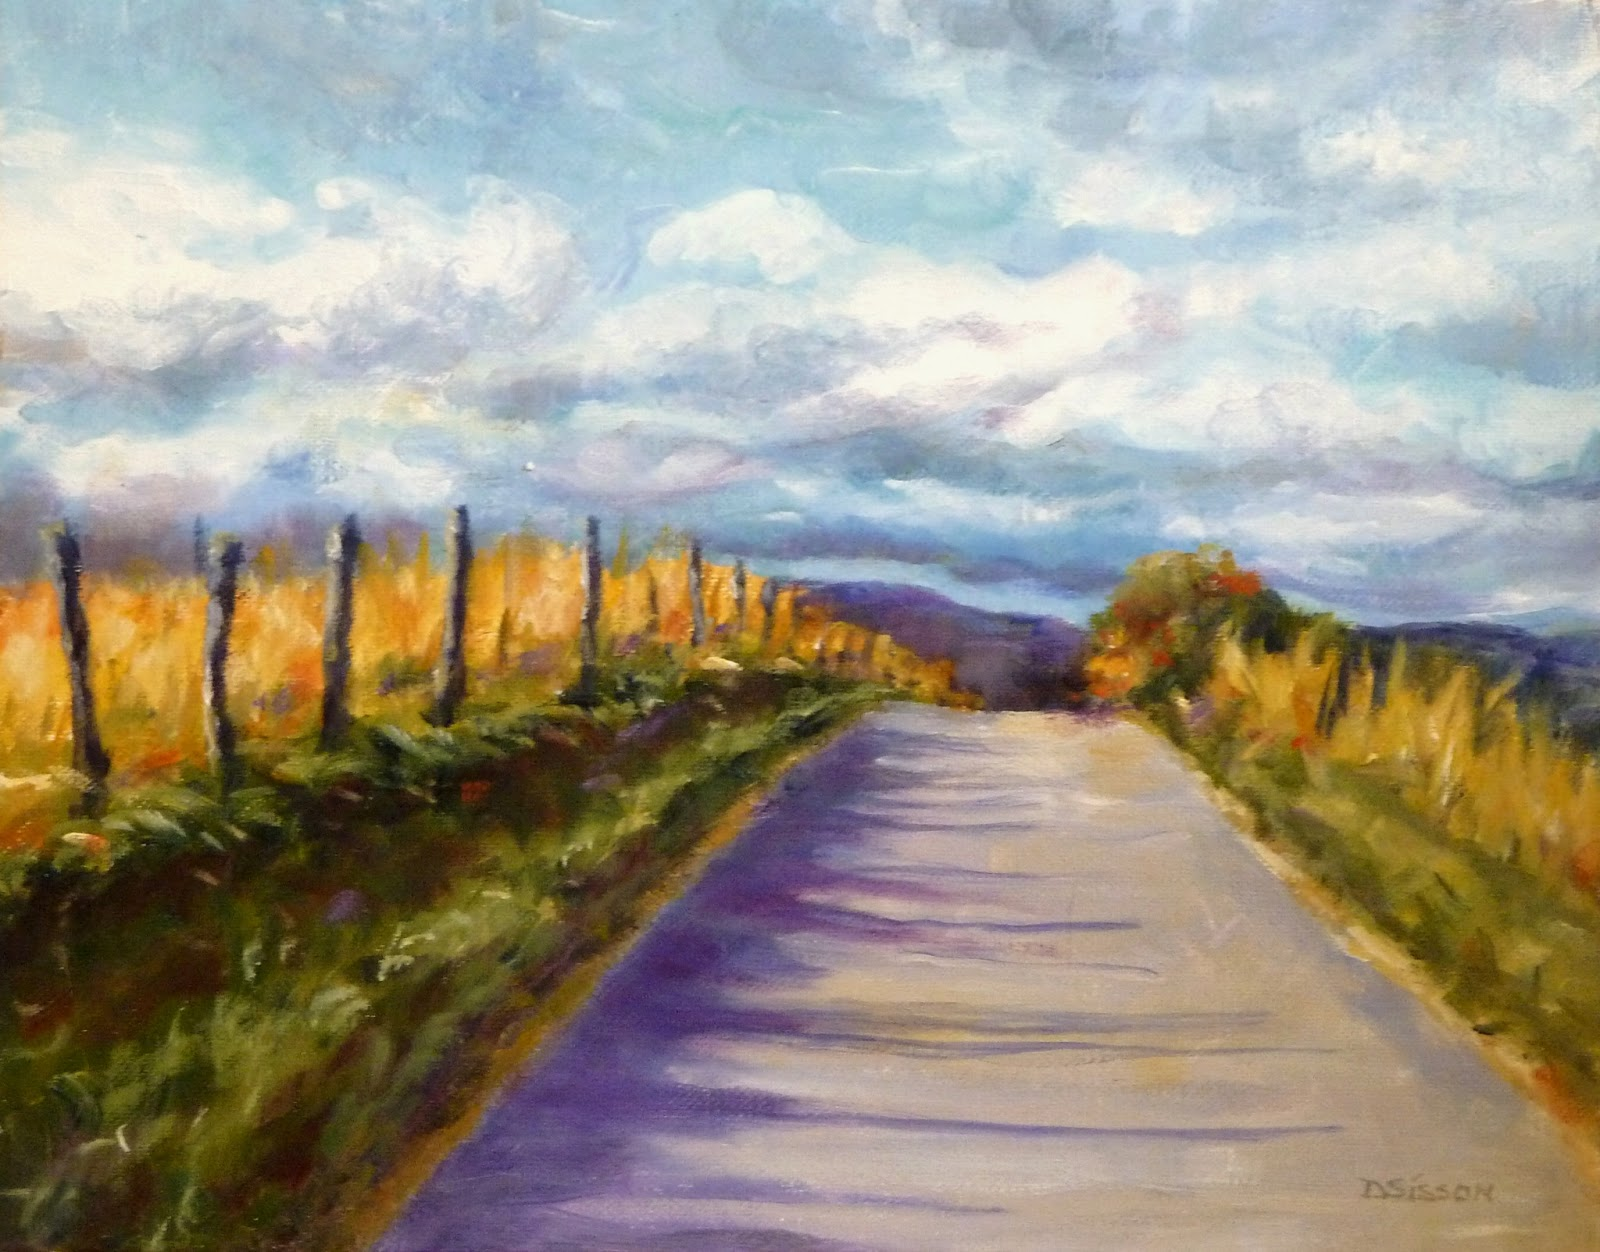 Road Paintings